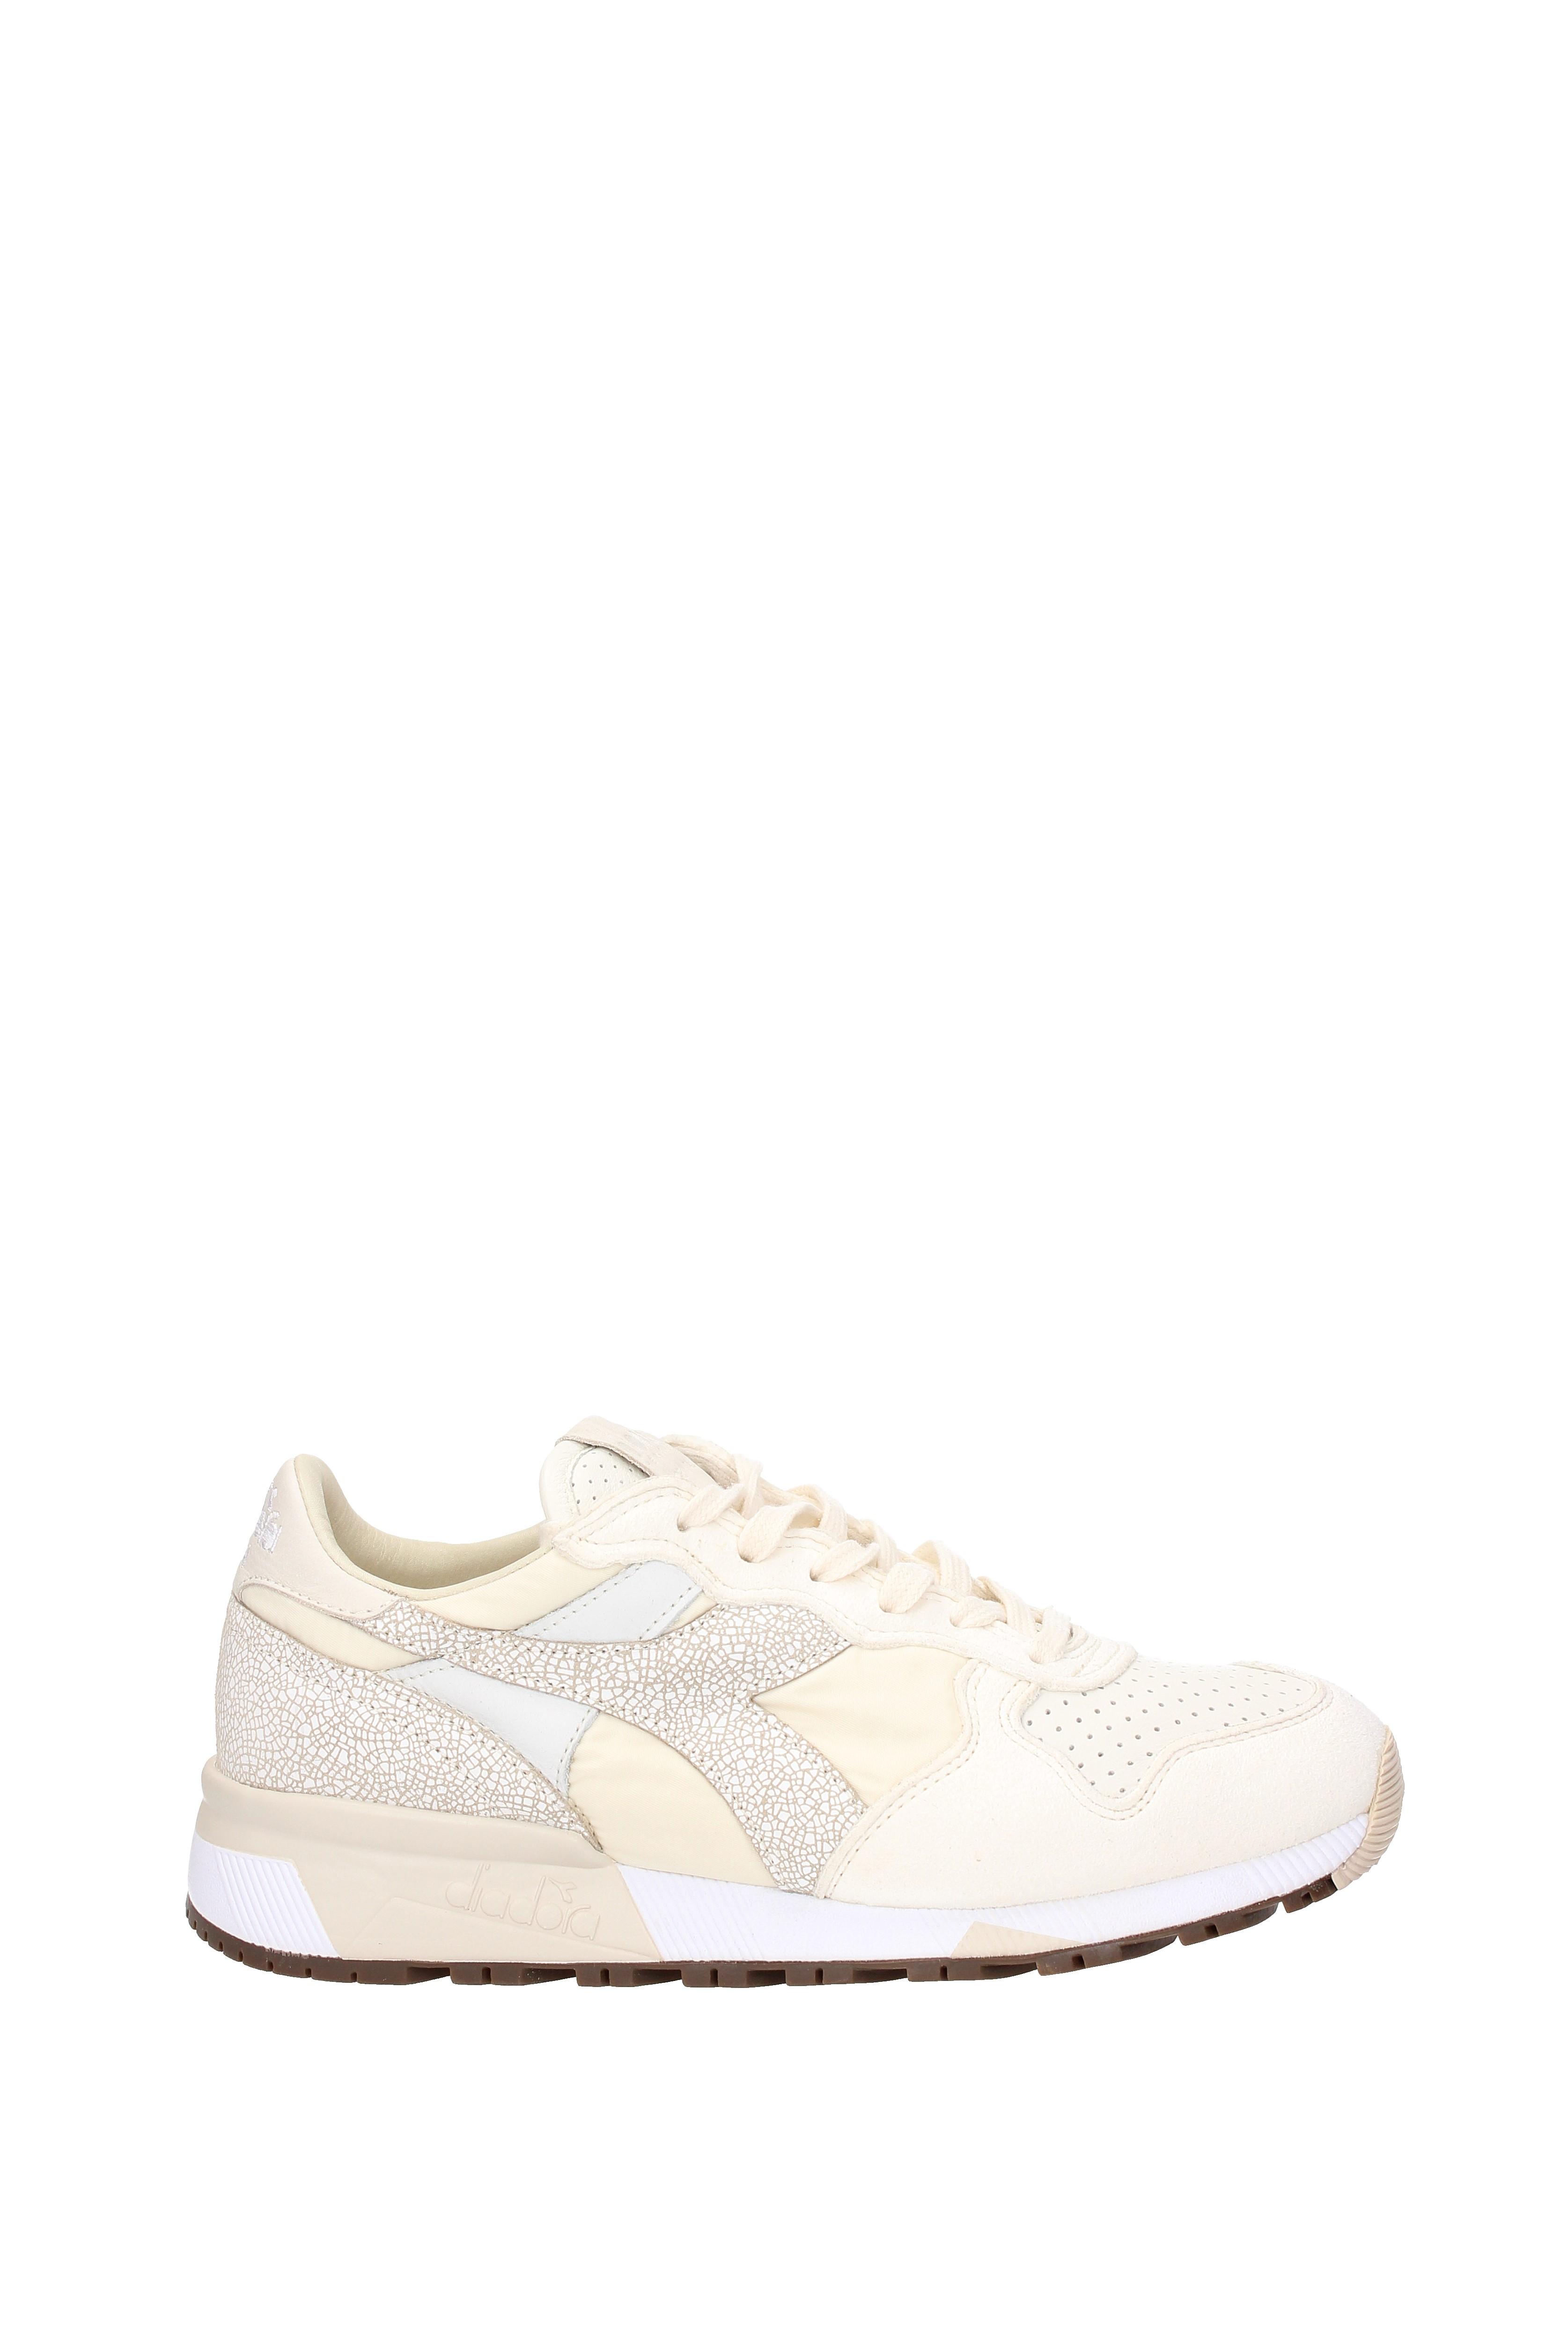 Sneakers  Diadora Heritage trident 90  Sneakers Herren - Wildleder (20117190501) 871e41